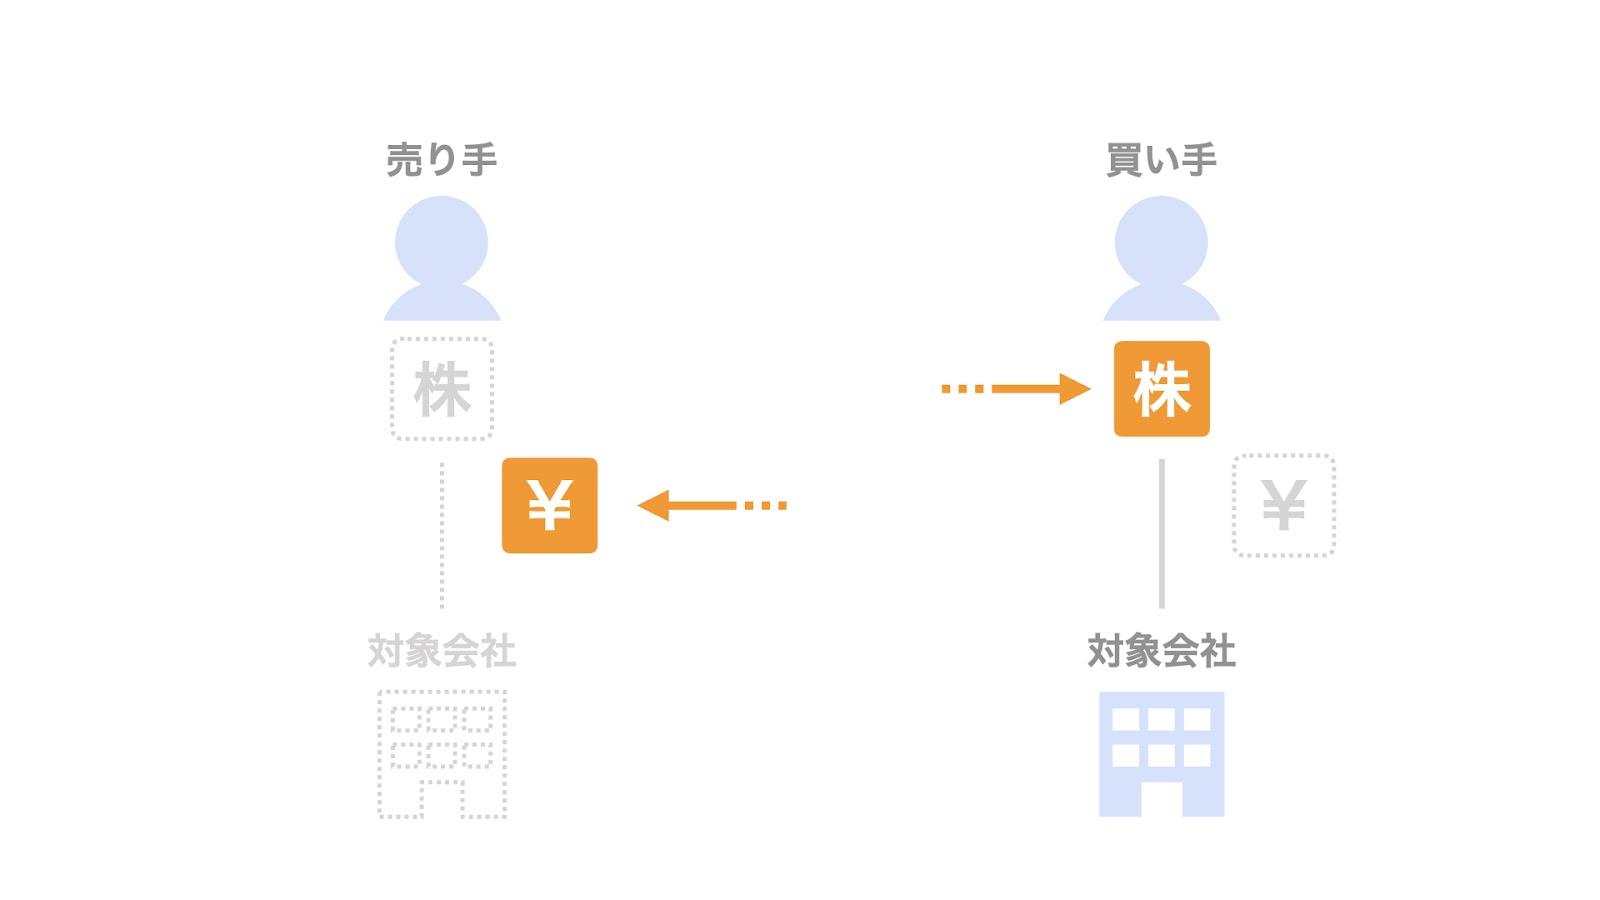 株式譲渡契約書における「取引実行」